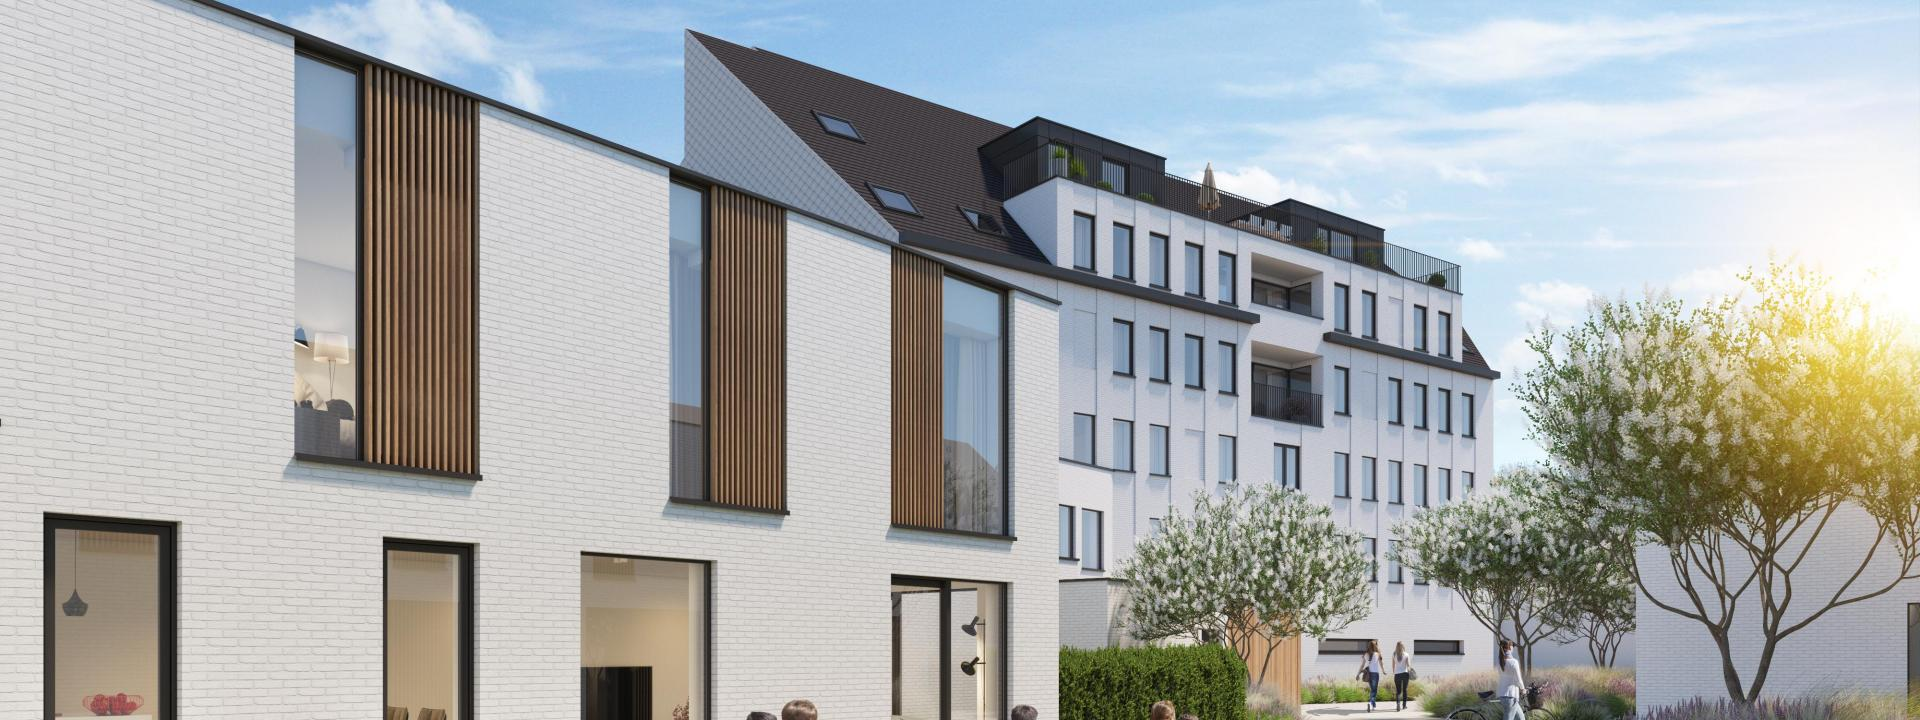 Gent Residentie Spijkerhof